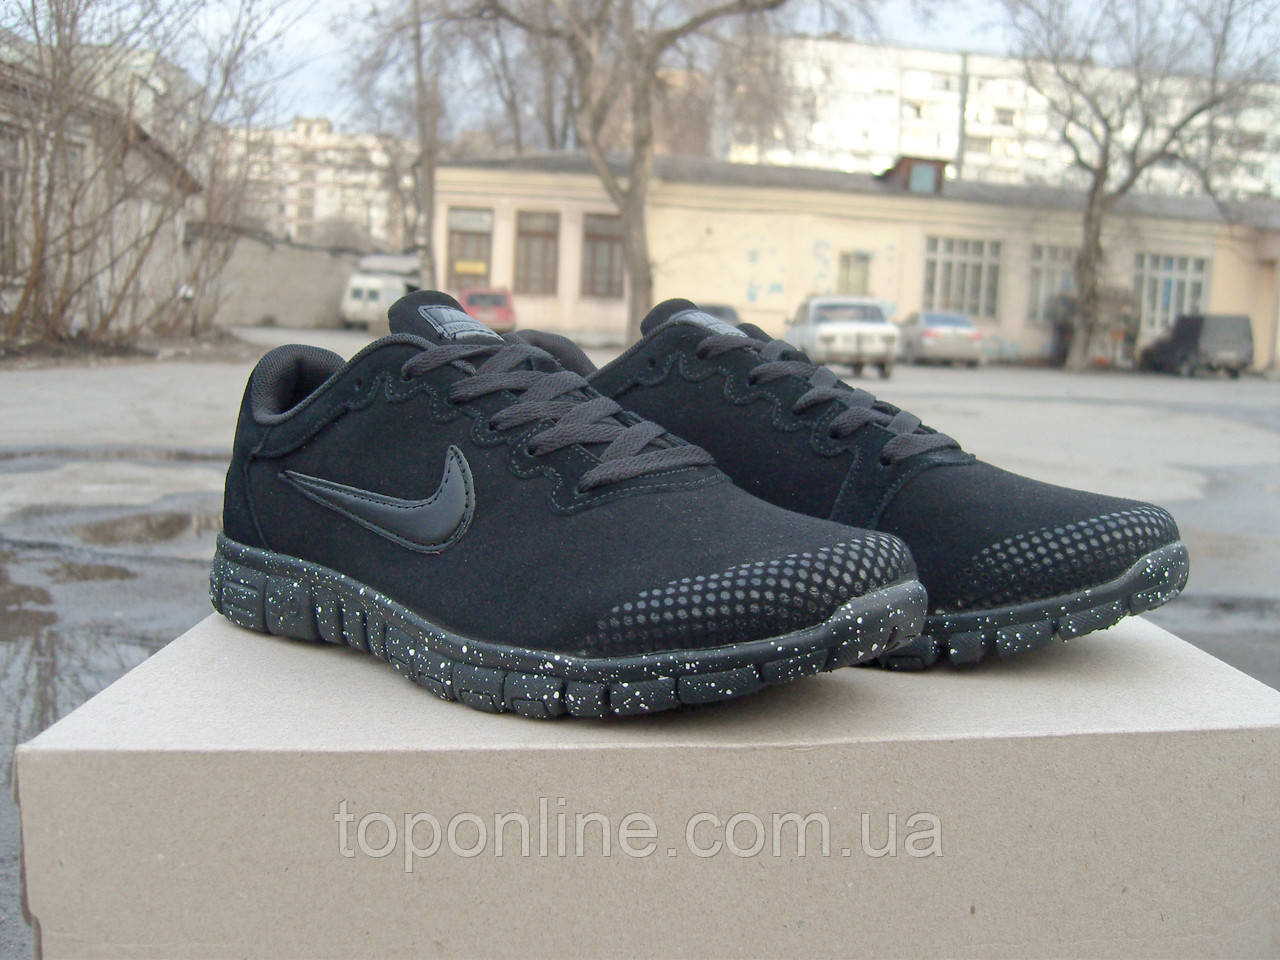 8adf3340 Кроссовки Nike Free Run 3.0 all black, цена 750 грн., купить Запоріжжя.  Самовивозу немає — Prom.ua (ID#591018200)